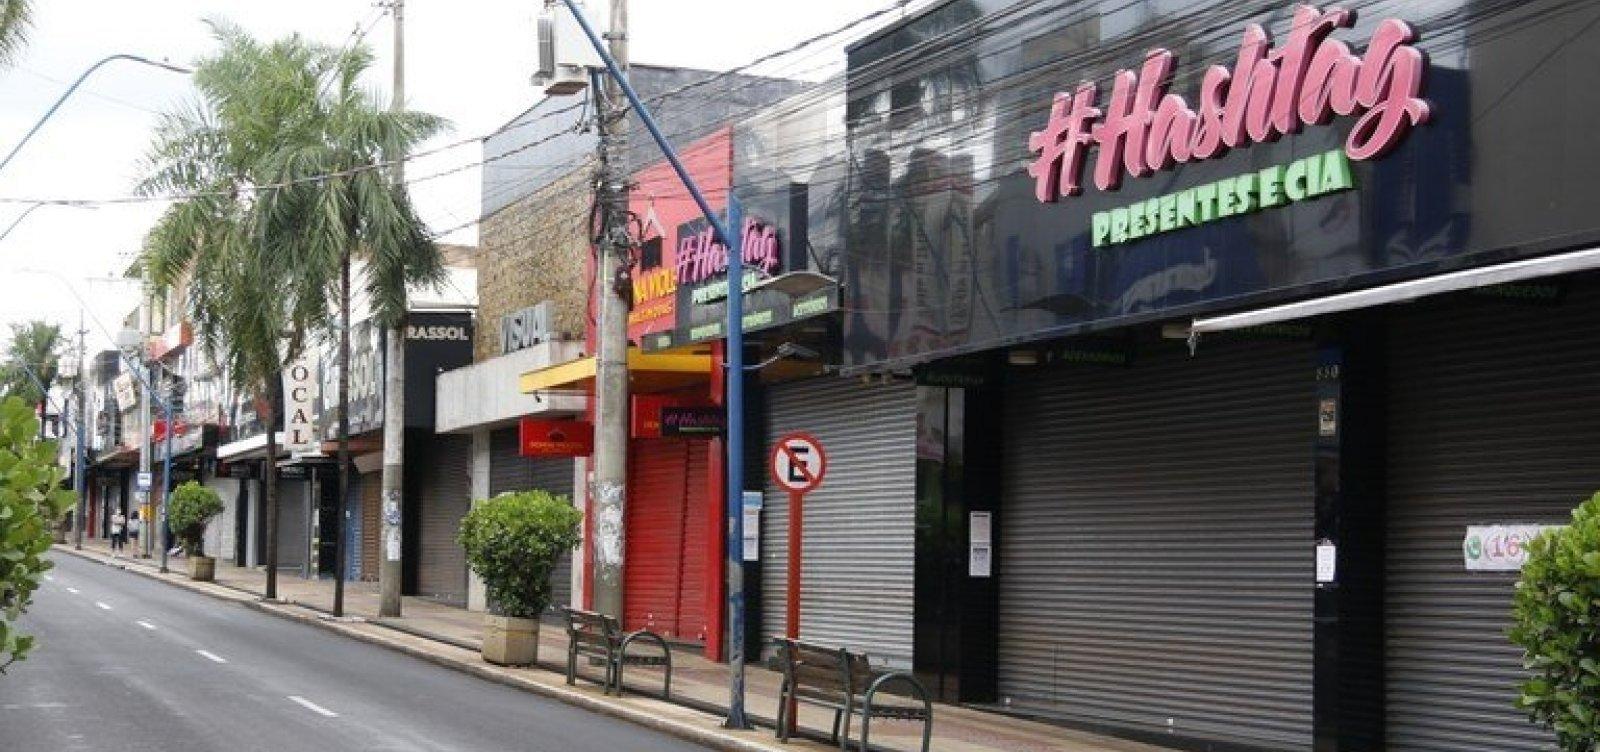 [Covid-19: depois de 15 dias de isolamento, cidade paulista tem queda de resultados positivos em testes]